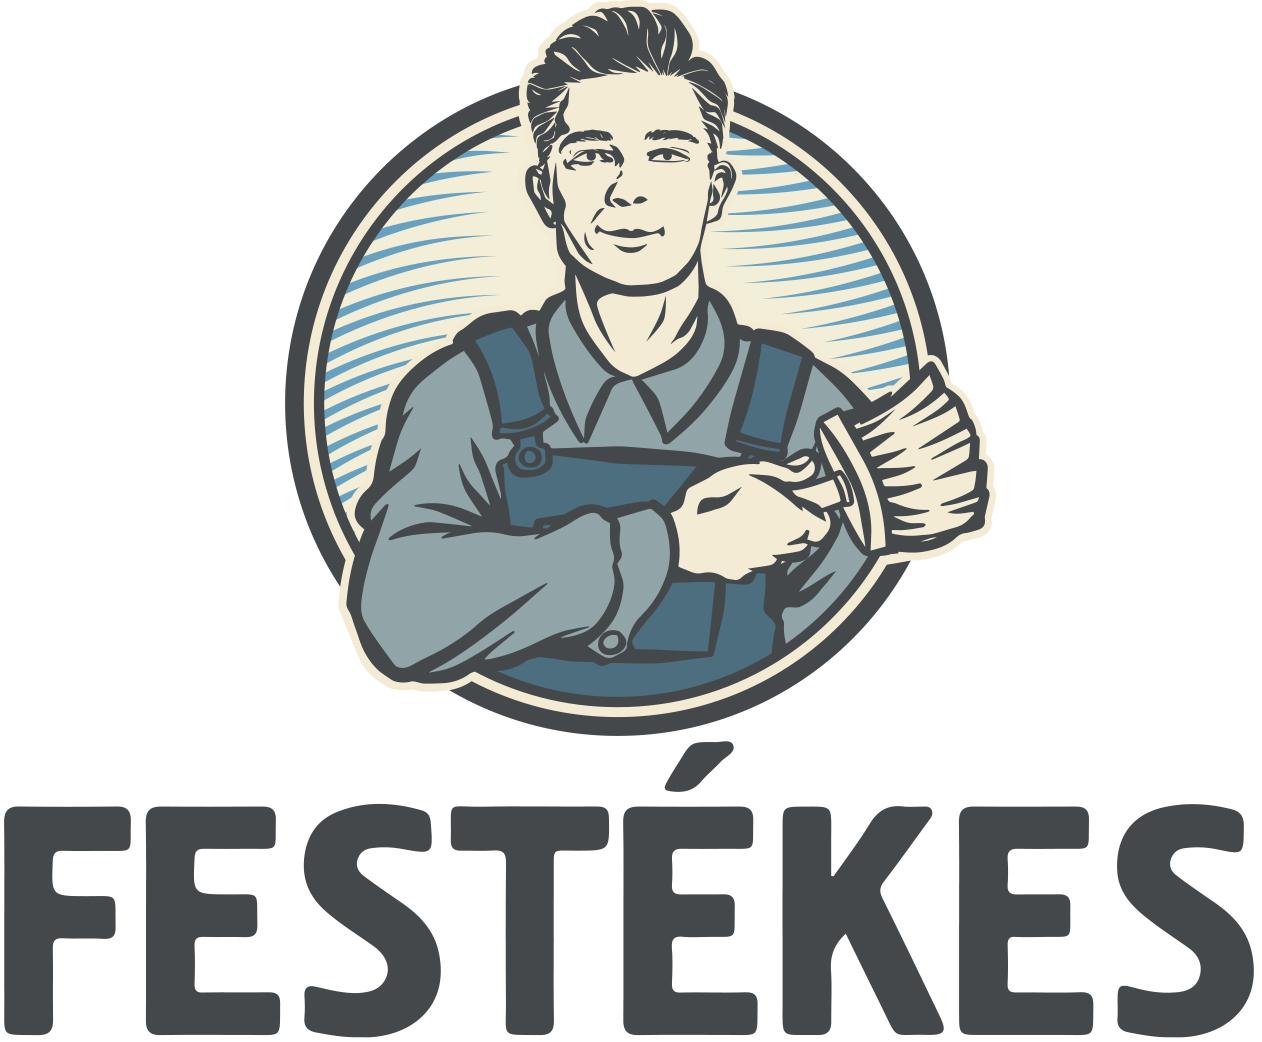 festekes_logo.jpg